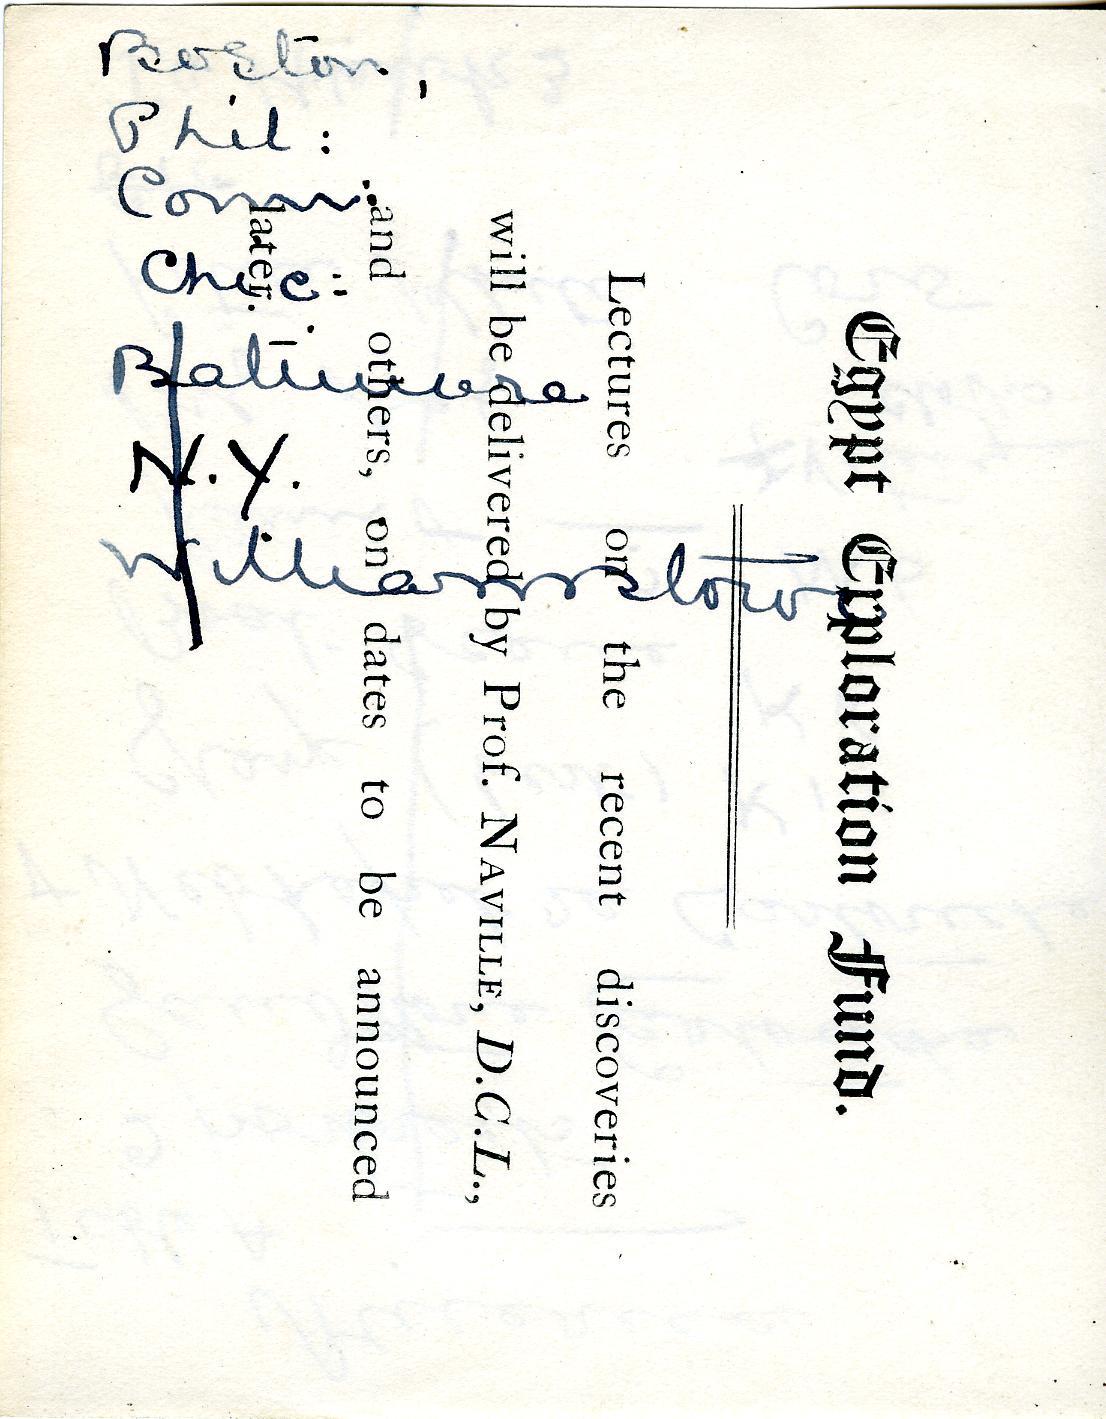 1905-06 Deir el-Bahri, Oxyrhynchus DIST.26.13.047